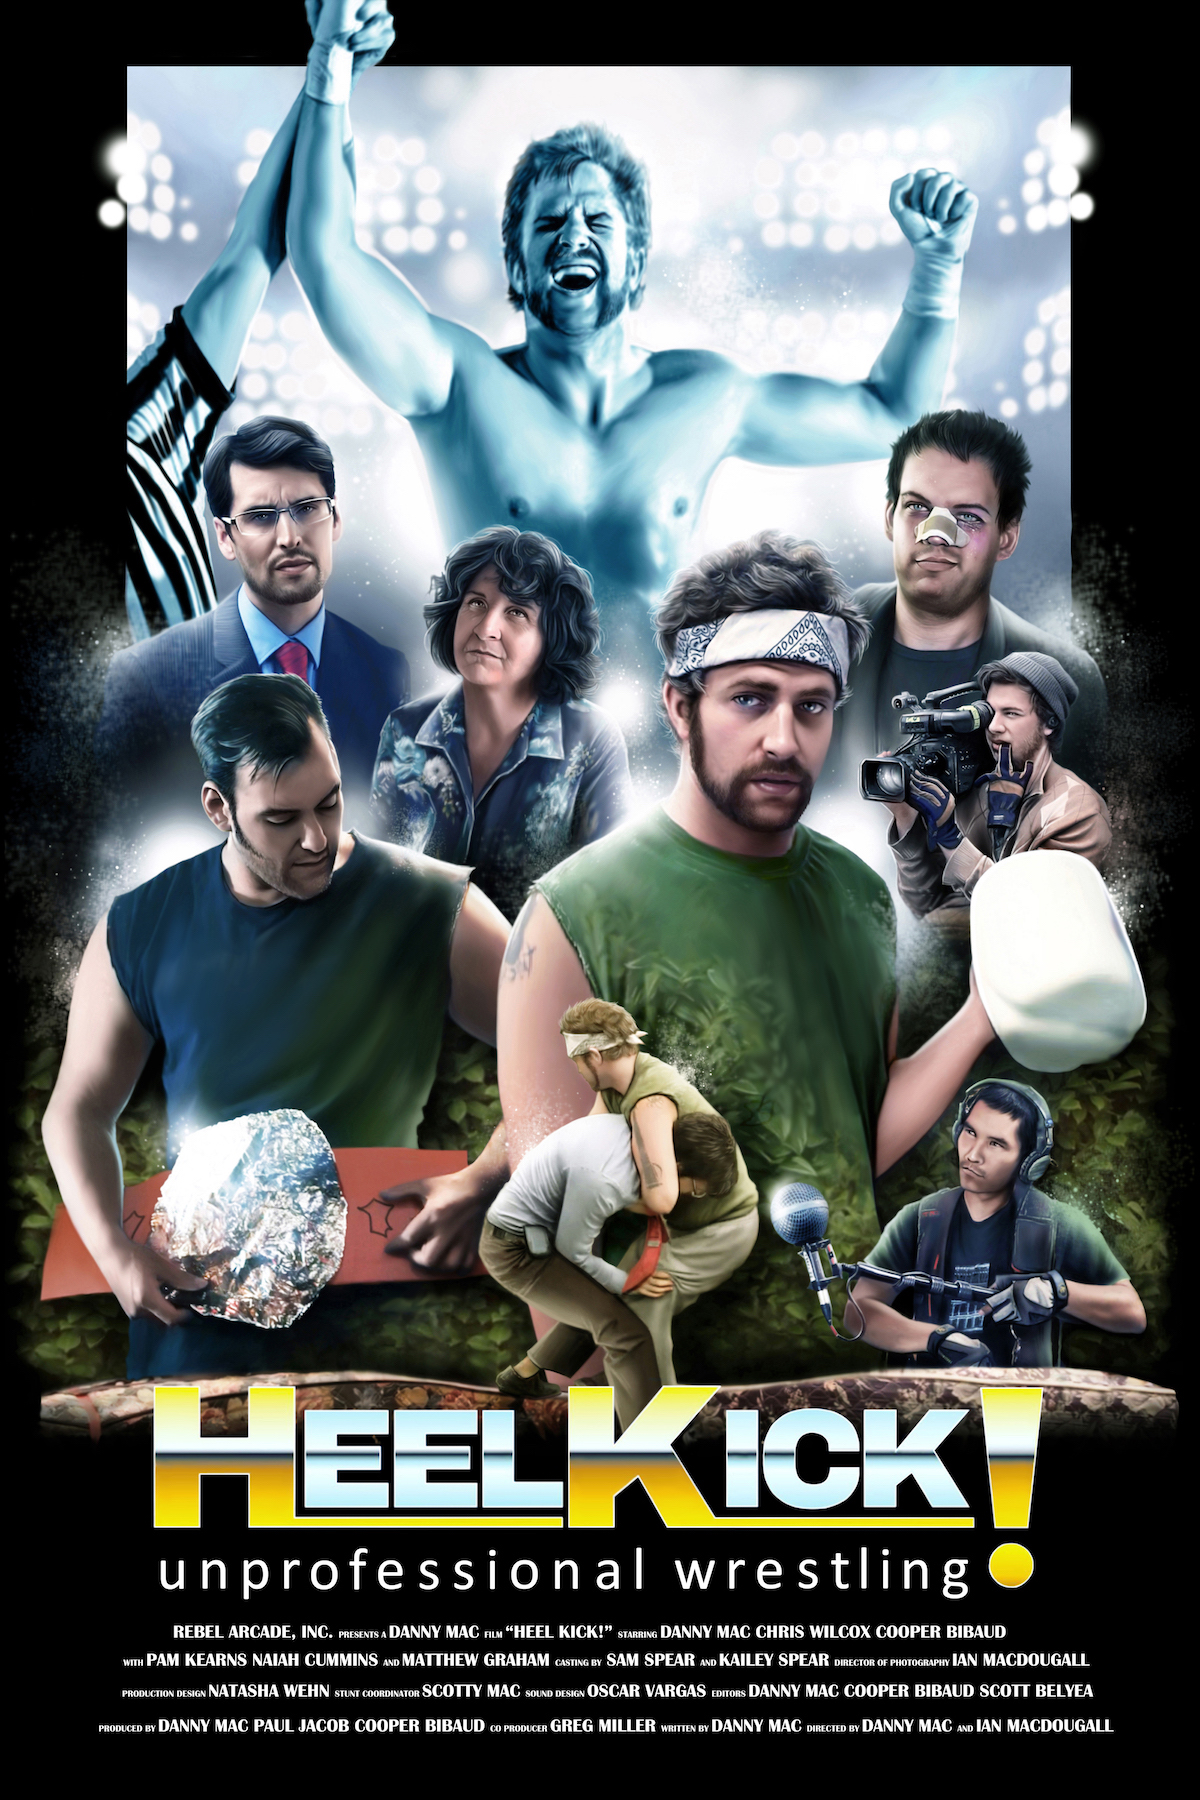 HEEL KICK! -unprofessional wrestling-